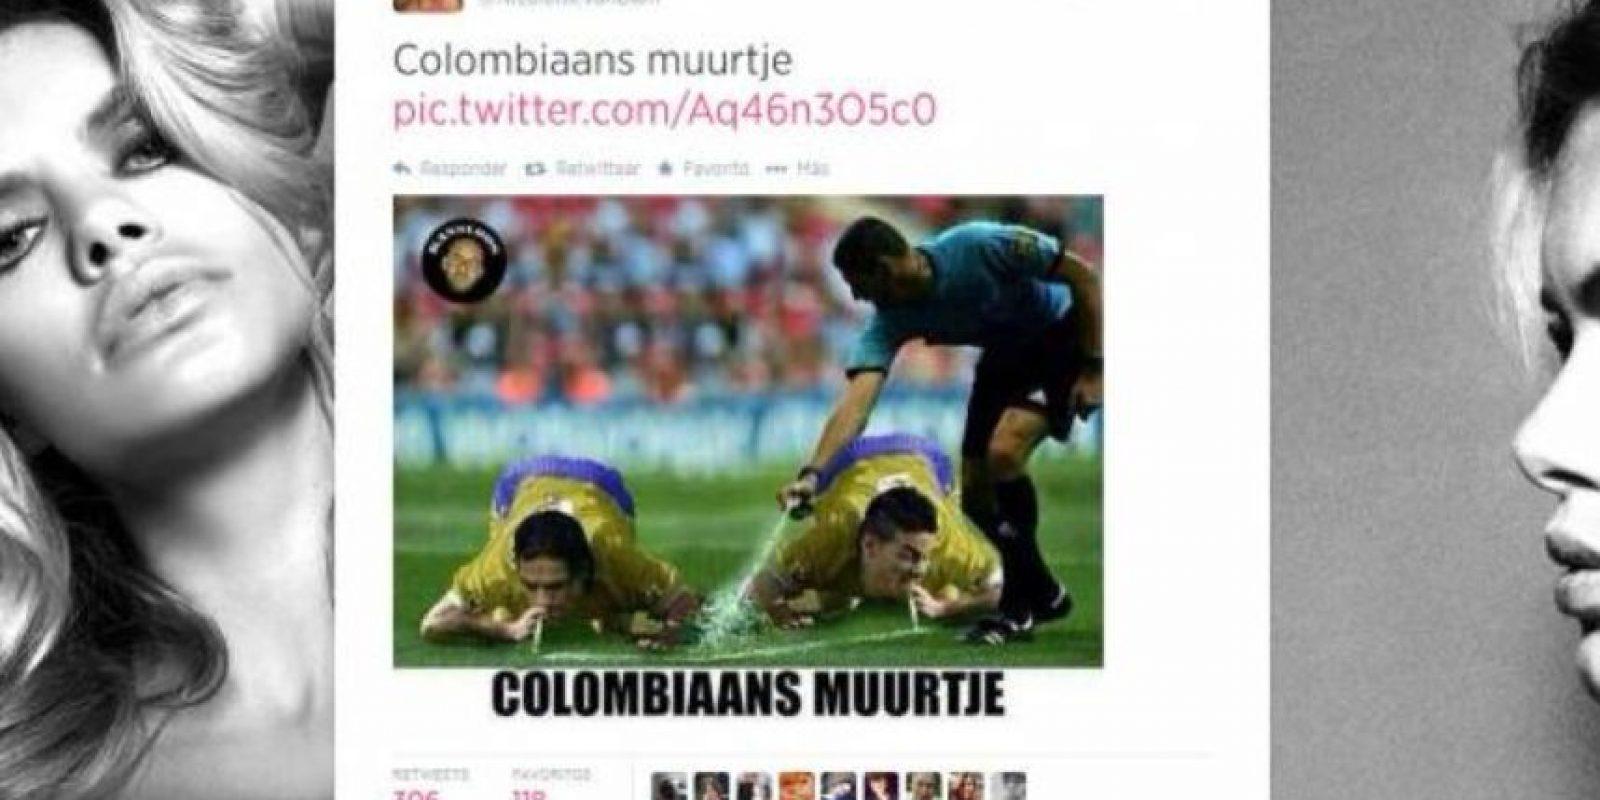 En 2014, en pleno Mundial de Fútbol, la actriz holandesa Nicolette Van Dam puso este meme sobre la Selección Colombiana de Fútbol, relacionando al equipo con el estigma de drogas de aquel país. Hubo tanto revuelo, que Van Dam dimitió a su cargo en la UNICEF como Embajadora de Buena Voluntad. La Cancillería colombiana también sentó su voz de protesta. Foto:Twitter